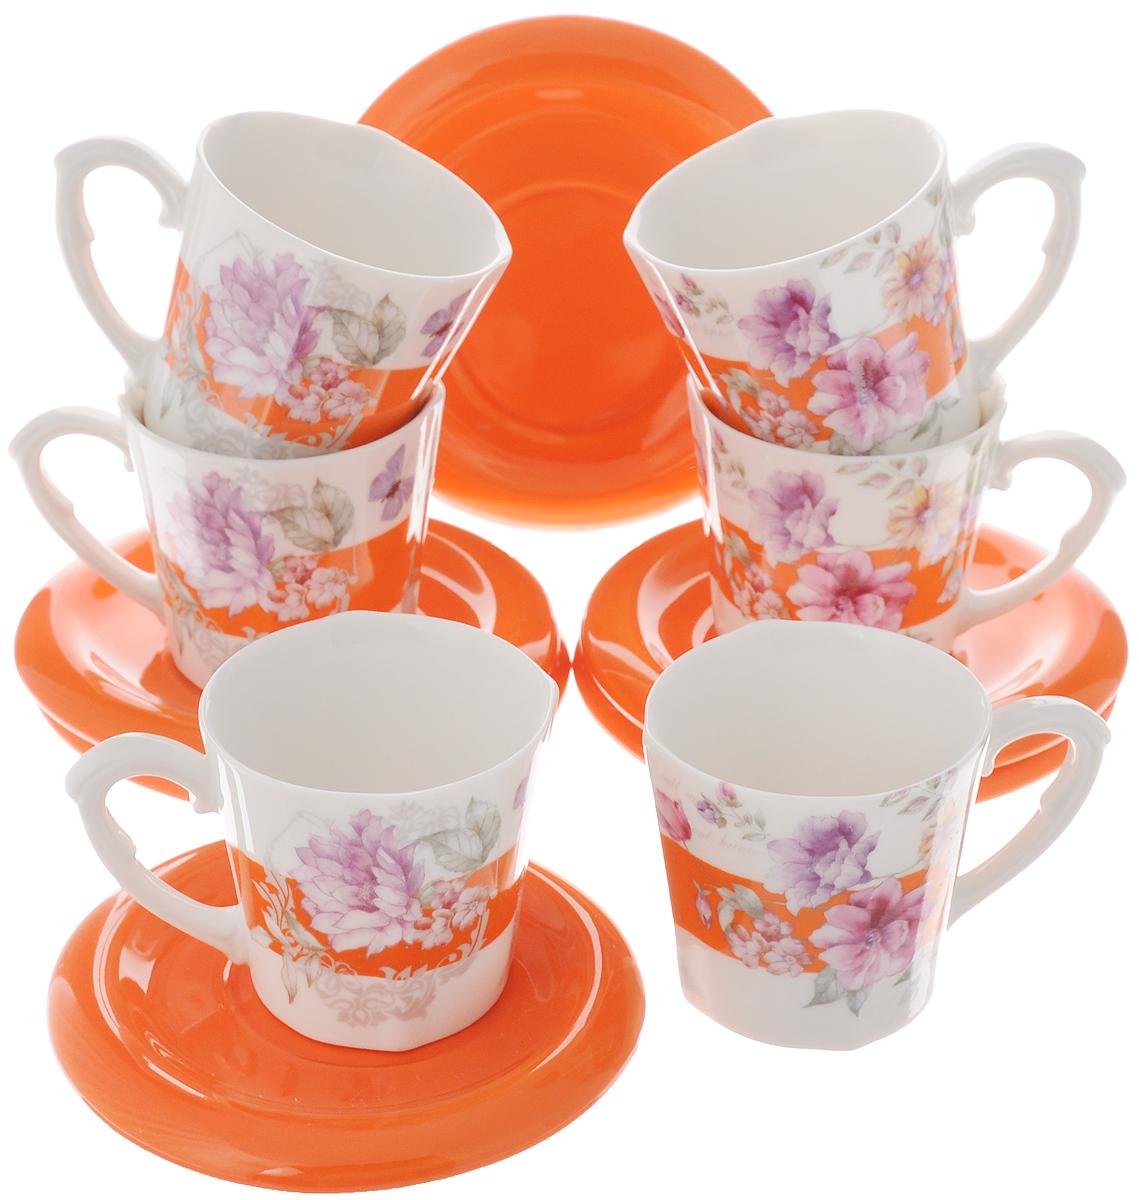 Набор кофейный Loraine, цвет: белый, оранжевый, сиреневый, 12 предметов. 2472324723Набор Loraine состоит из шести чашек и шести блюдец, изготовленных из высококачественной керамики. Такой набор подходит для подачи свежесваренного кофе. Изящный дизайн придется по вкусу и ценителям классики, и тем, кто предпочитает утонченность и изысканность. Он настроит на позитивный лад и подарит хорошее настроение с самого утра. Набор упакован в стильную подарочную коробку. Внутренняя часть коробки задрапирована белой атласной тканью. Каждый предмет надежно зафиксирован внутри коробки благодаря специальным выемкам. Чайный набор - идеальный и необходимый подарок для вашего дома и для ваших друзей в праздники, юбилеи и торжества! Он также станет отличным корпоративным подарком и украшением любой кухни. Можно мыть в посудомоечной машине. Объем чашки: 100 мл. Диаметр чашки (по верхнему краю): 6 см. Высота чашки: 6 см. Диаметр блюдца: 10 см.